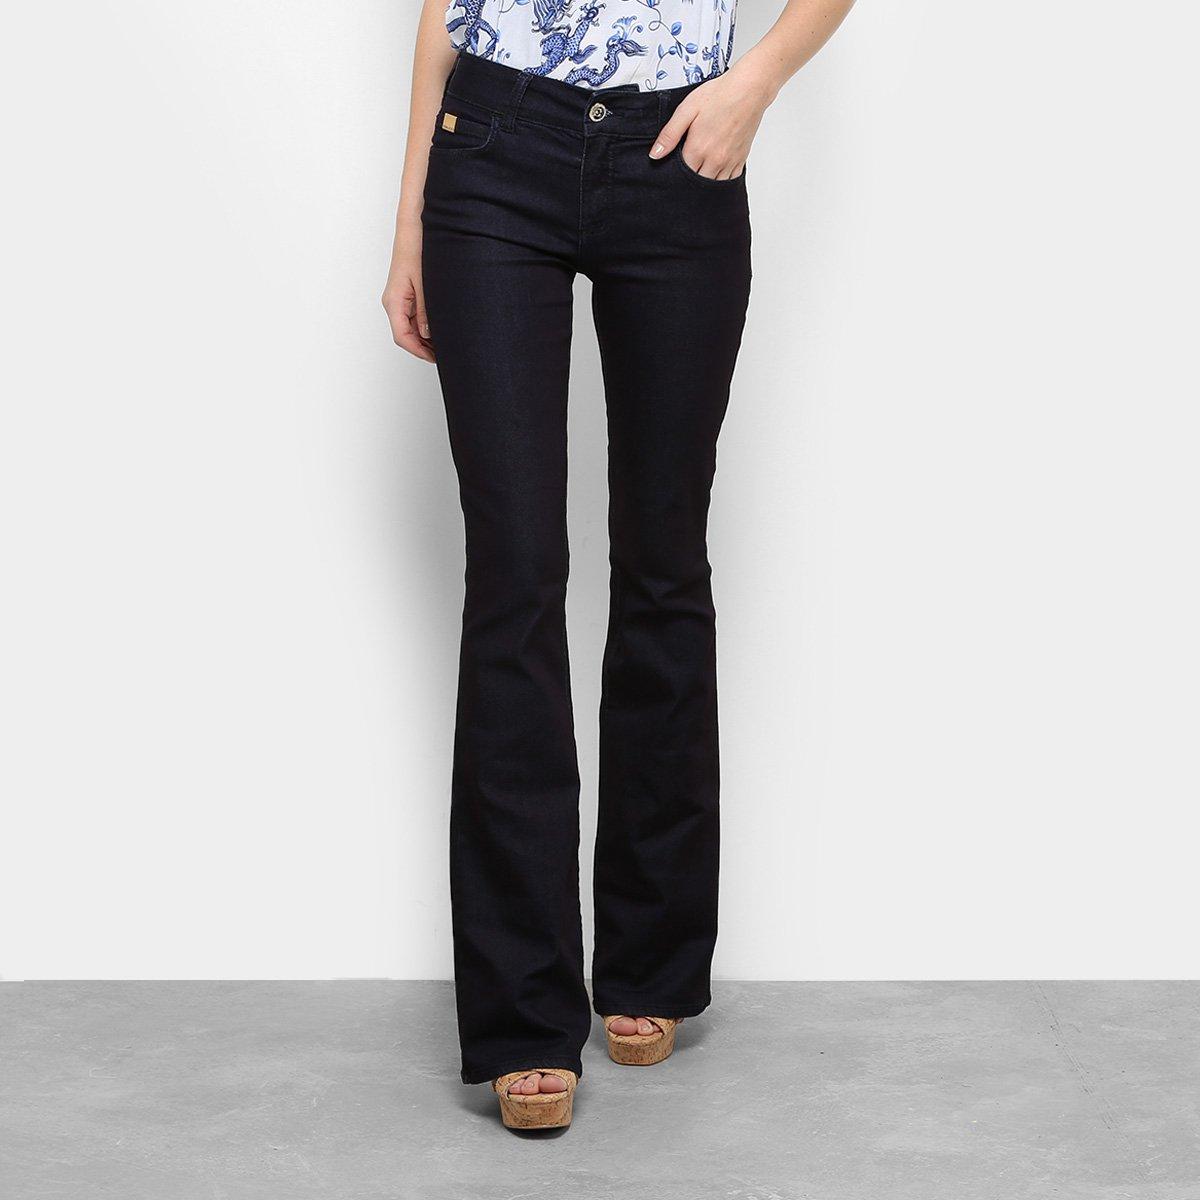 06c1df64b12dc Calça Jeans Flare Colcci Fatima Lavagem Escura Feminina - Compre ...